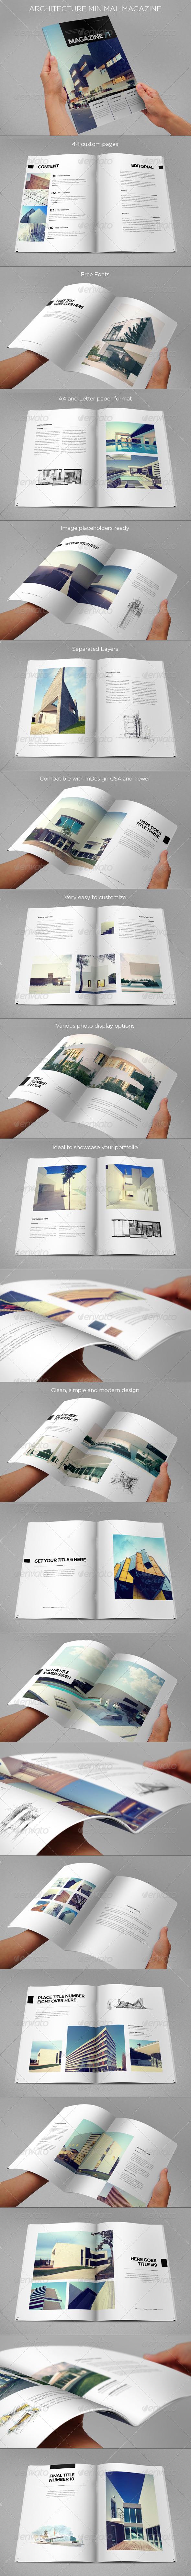 GraphicRiver Architecture Minimal Magazine 6982340